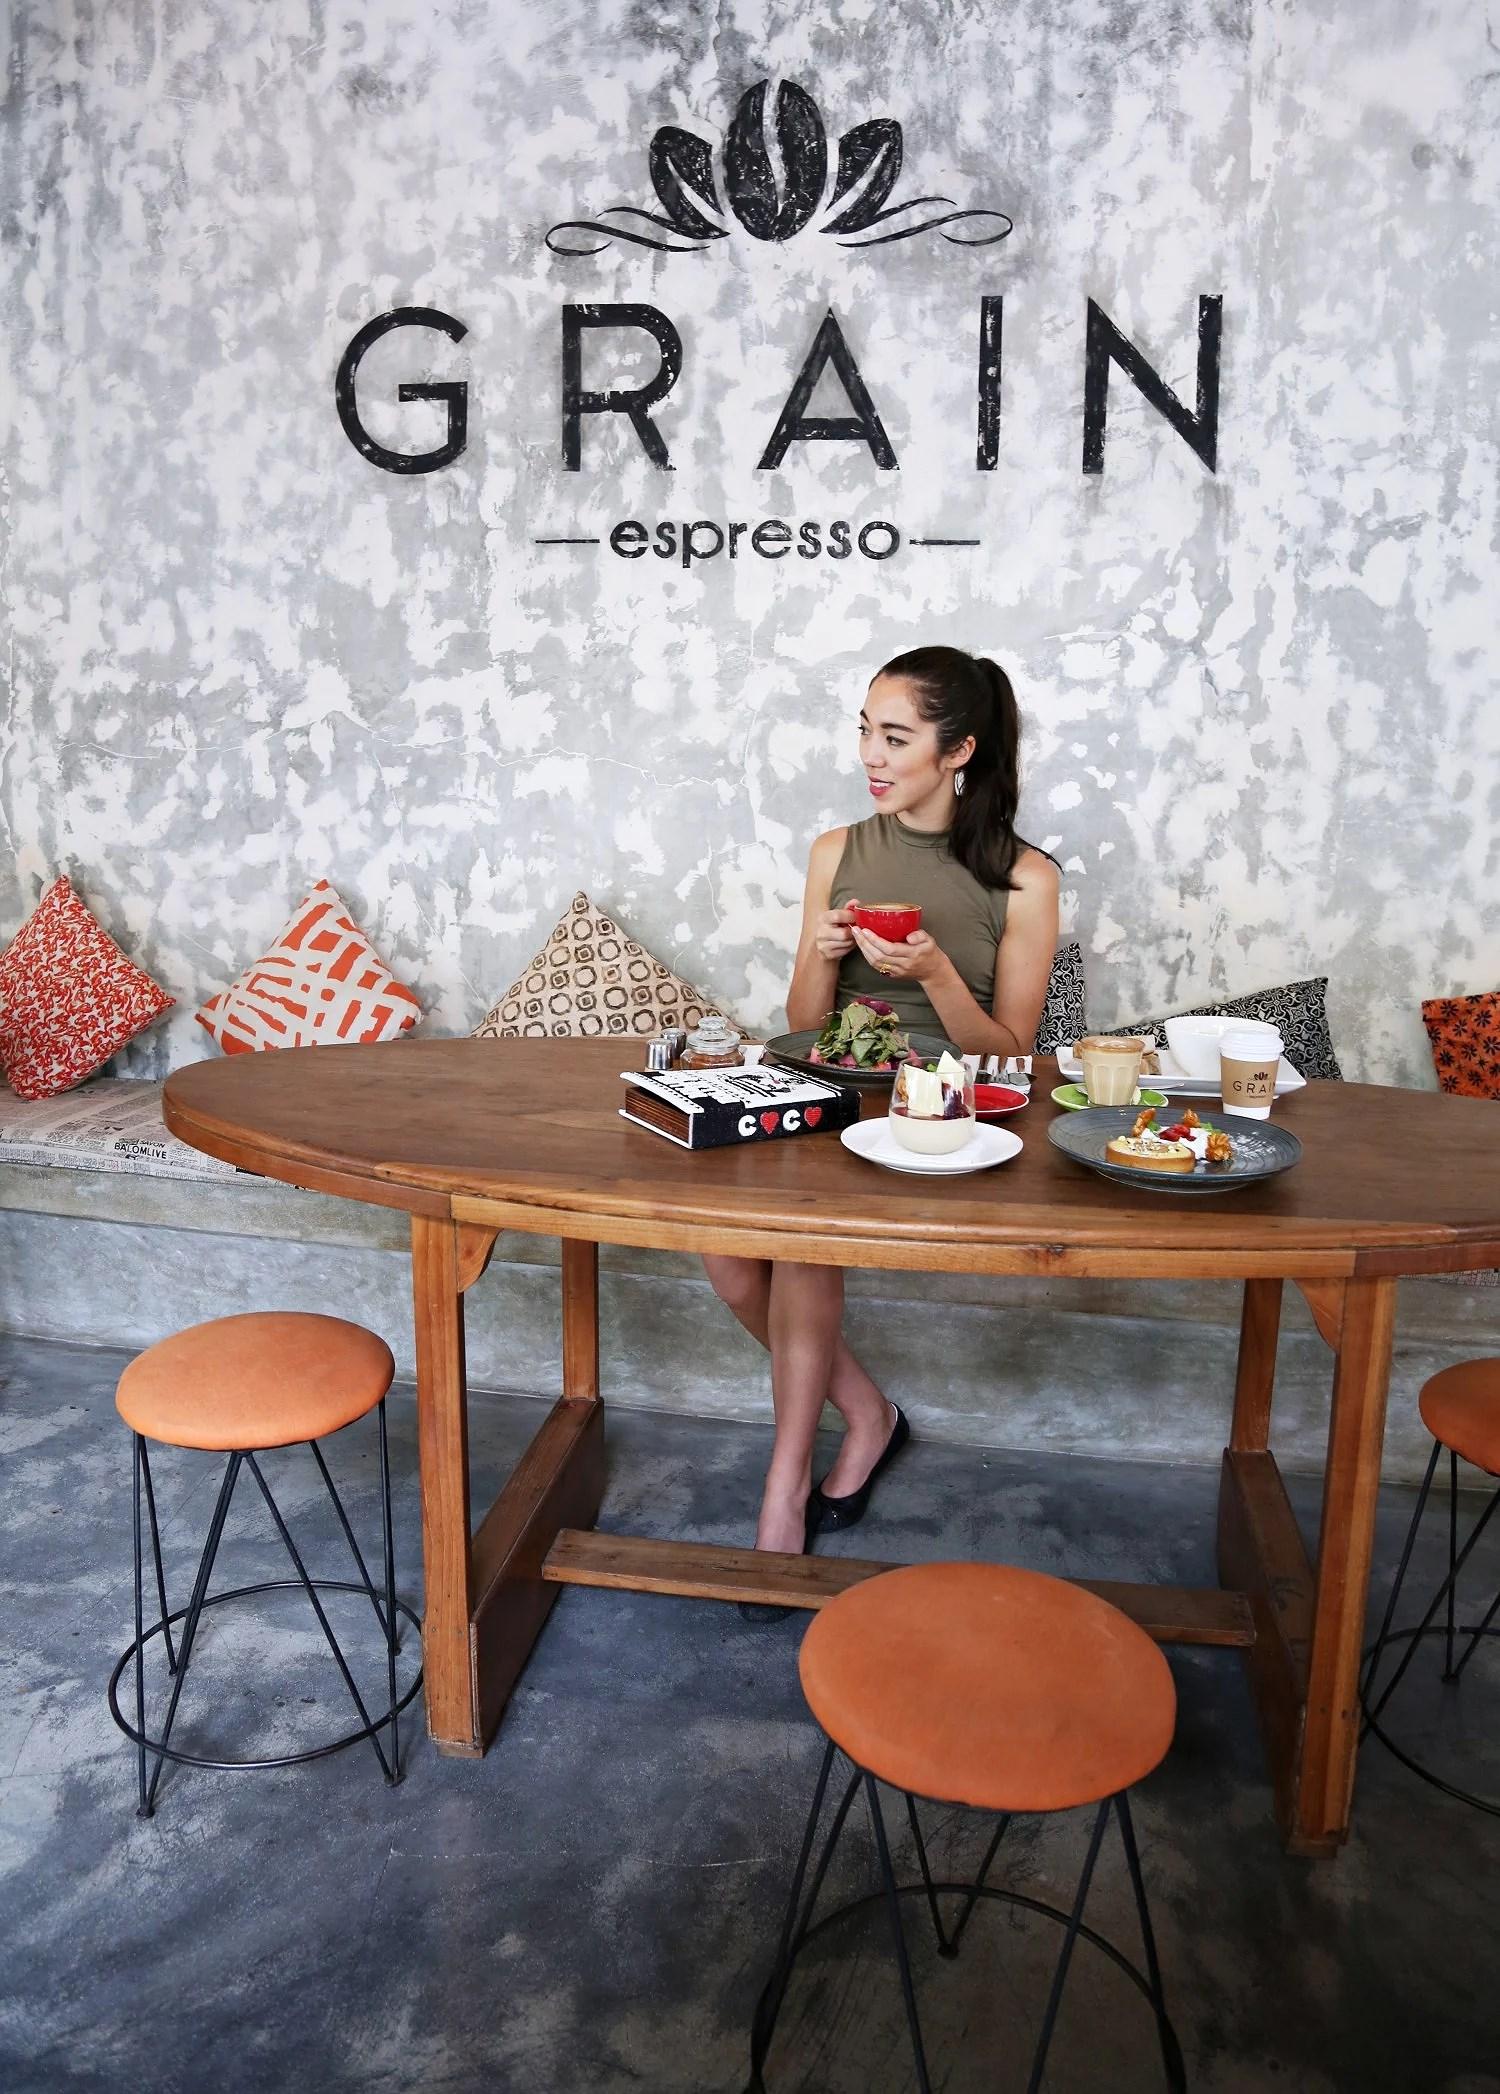 grain espresso (5)